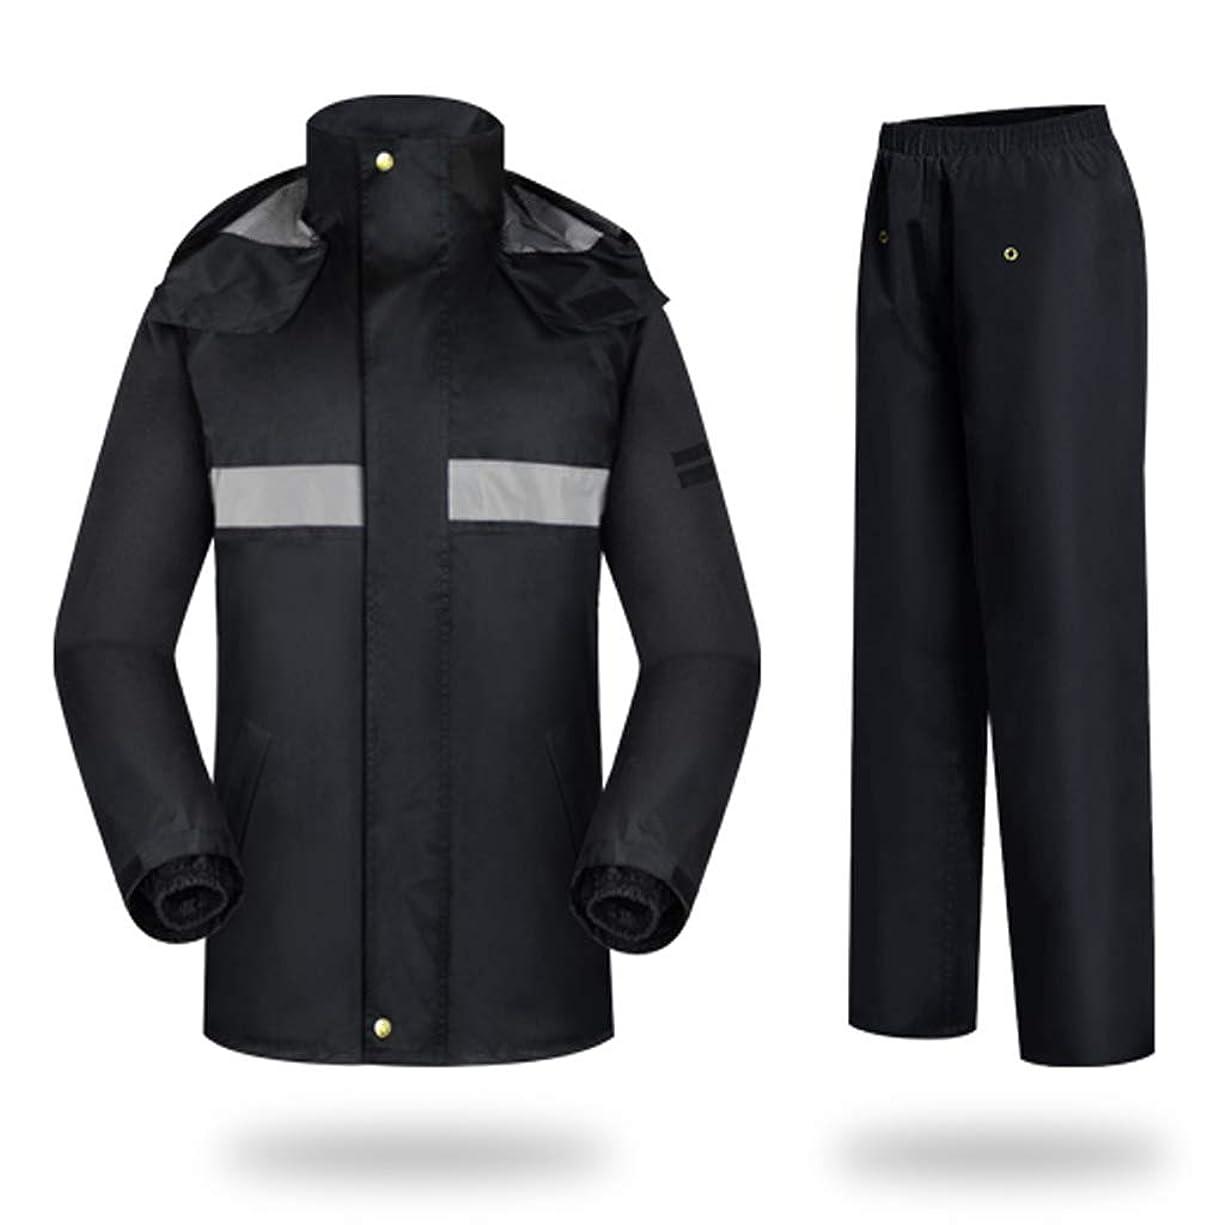 売るホップビルマYXF-レインコート バックパッキングのための反射性のストリップが付いている通気性の雨のスーツの大きいレインコートの防水レインウェアキャンプの屋外の仕事(ズボンとのレインジャケット) レインコート